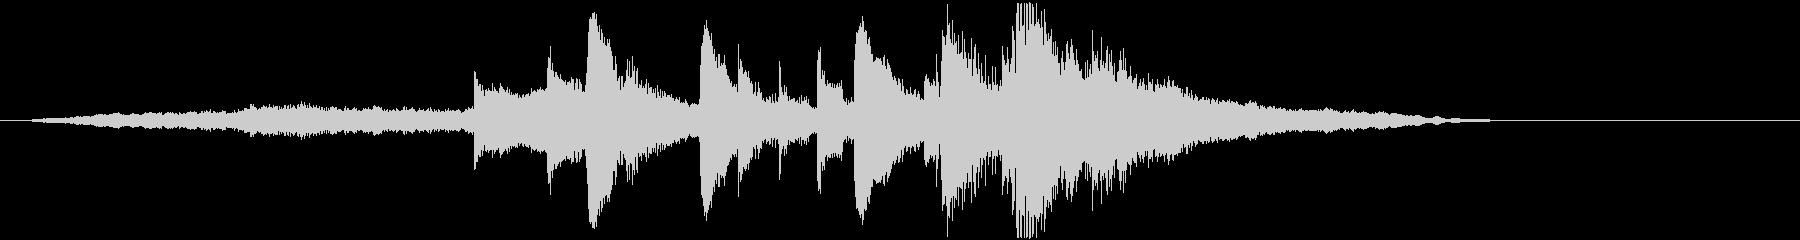 音楽ロゴ;遅いクラシックギター、ス...の未再生の波形